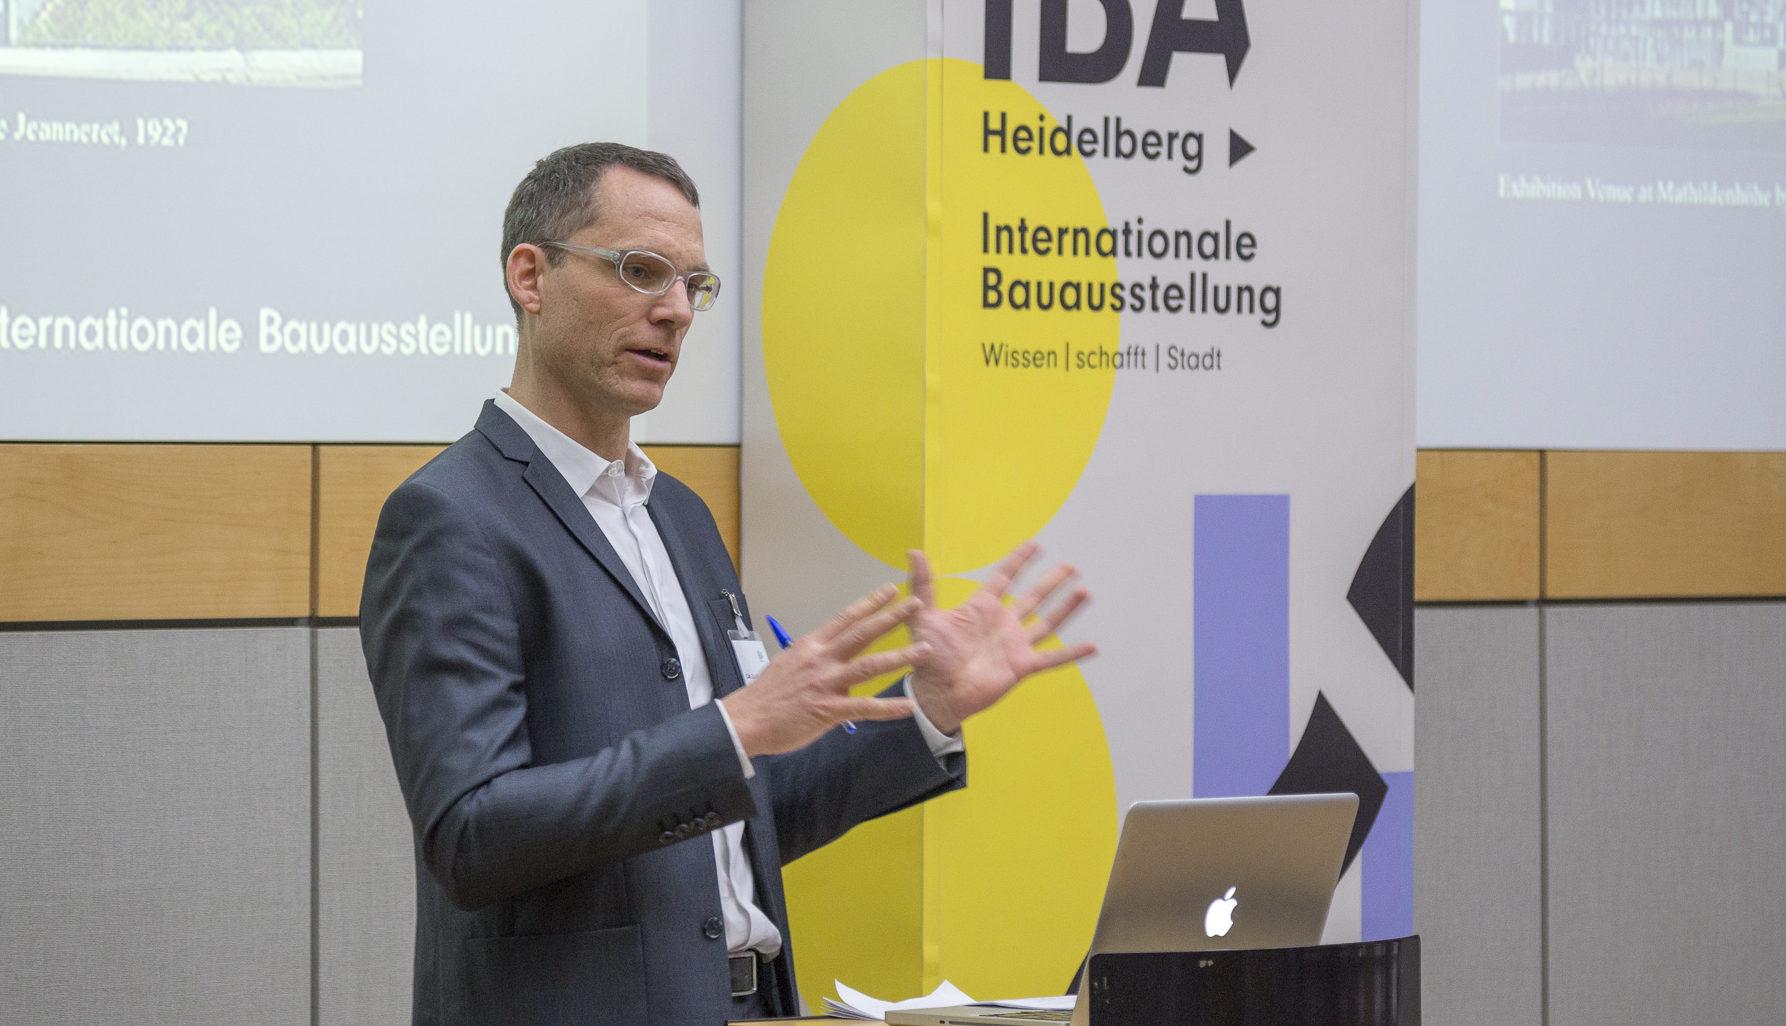 Carl Zillich, kuratorischer Leiter der IBA Heidelberg. Bild: ©Carl Zillich - IBA Heidelberg, Christian Buckj.